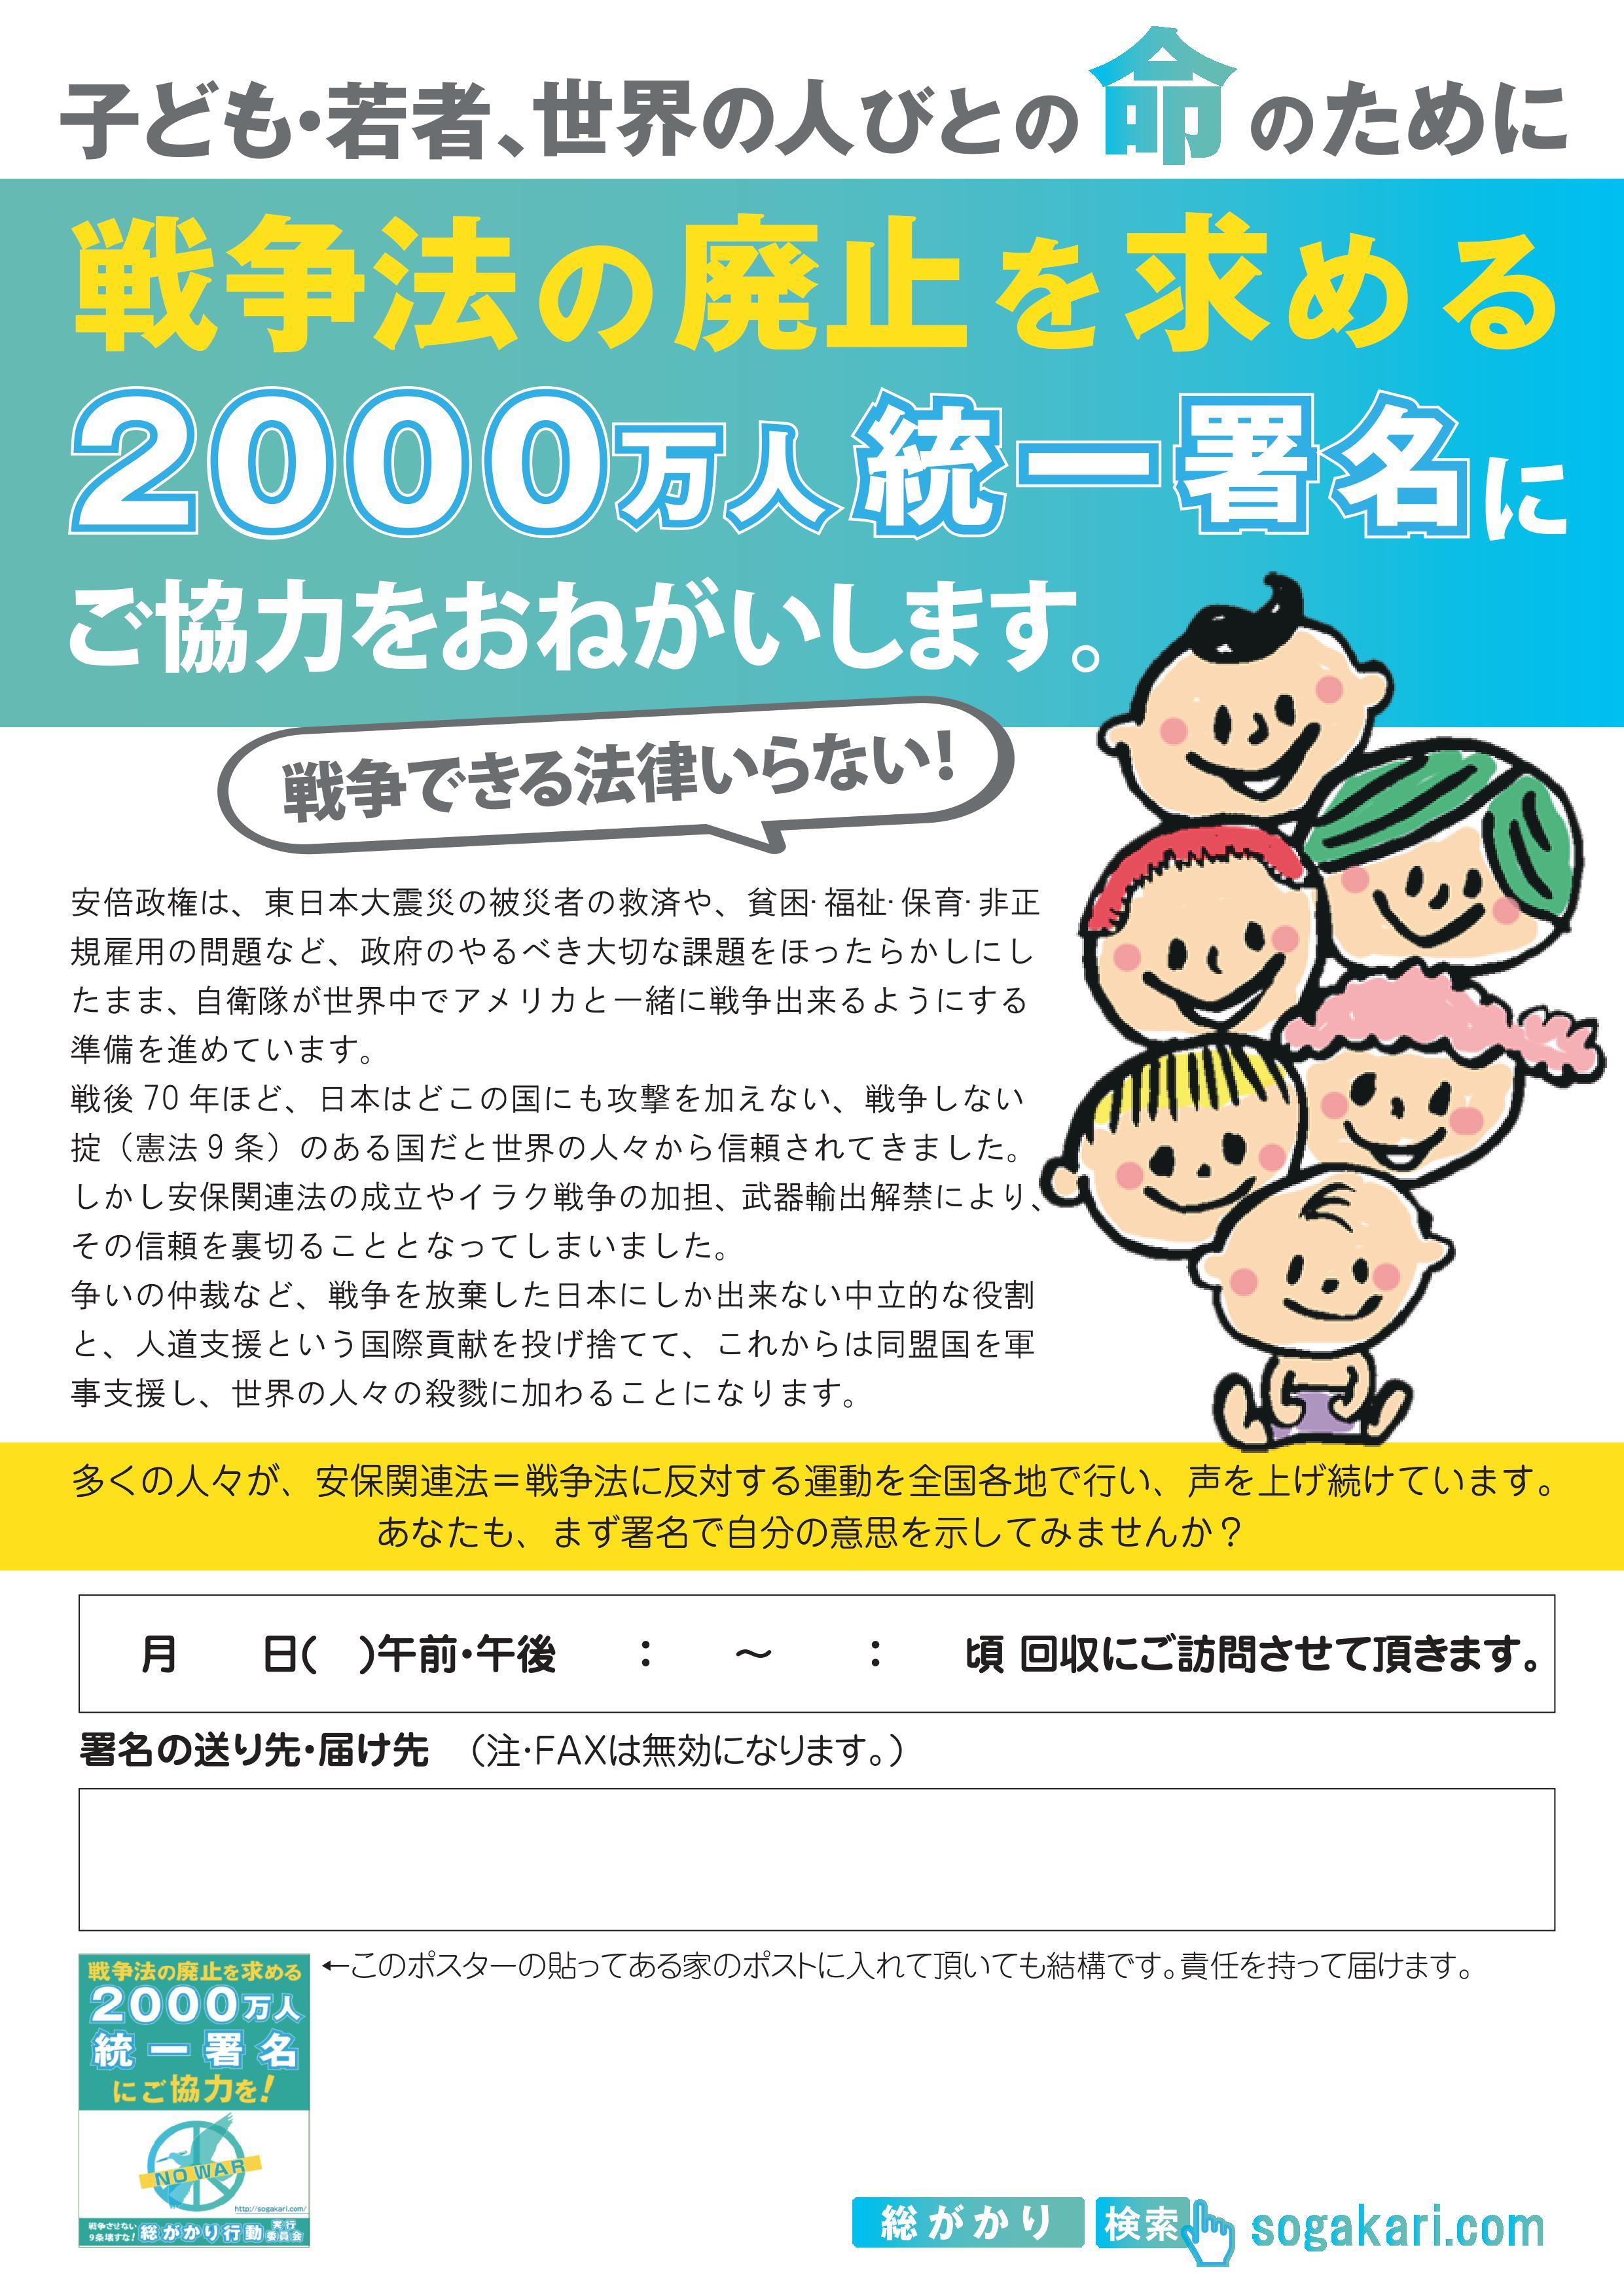 2000万人署名_戸別訪問用_他団体